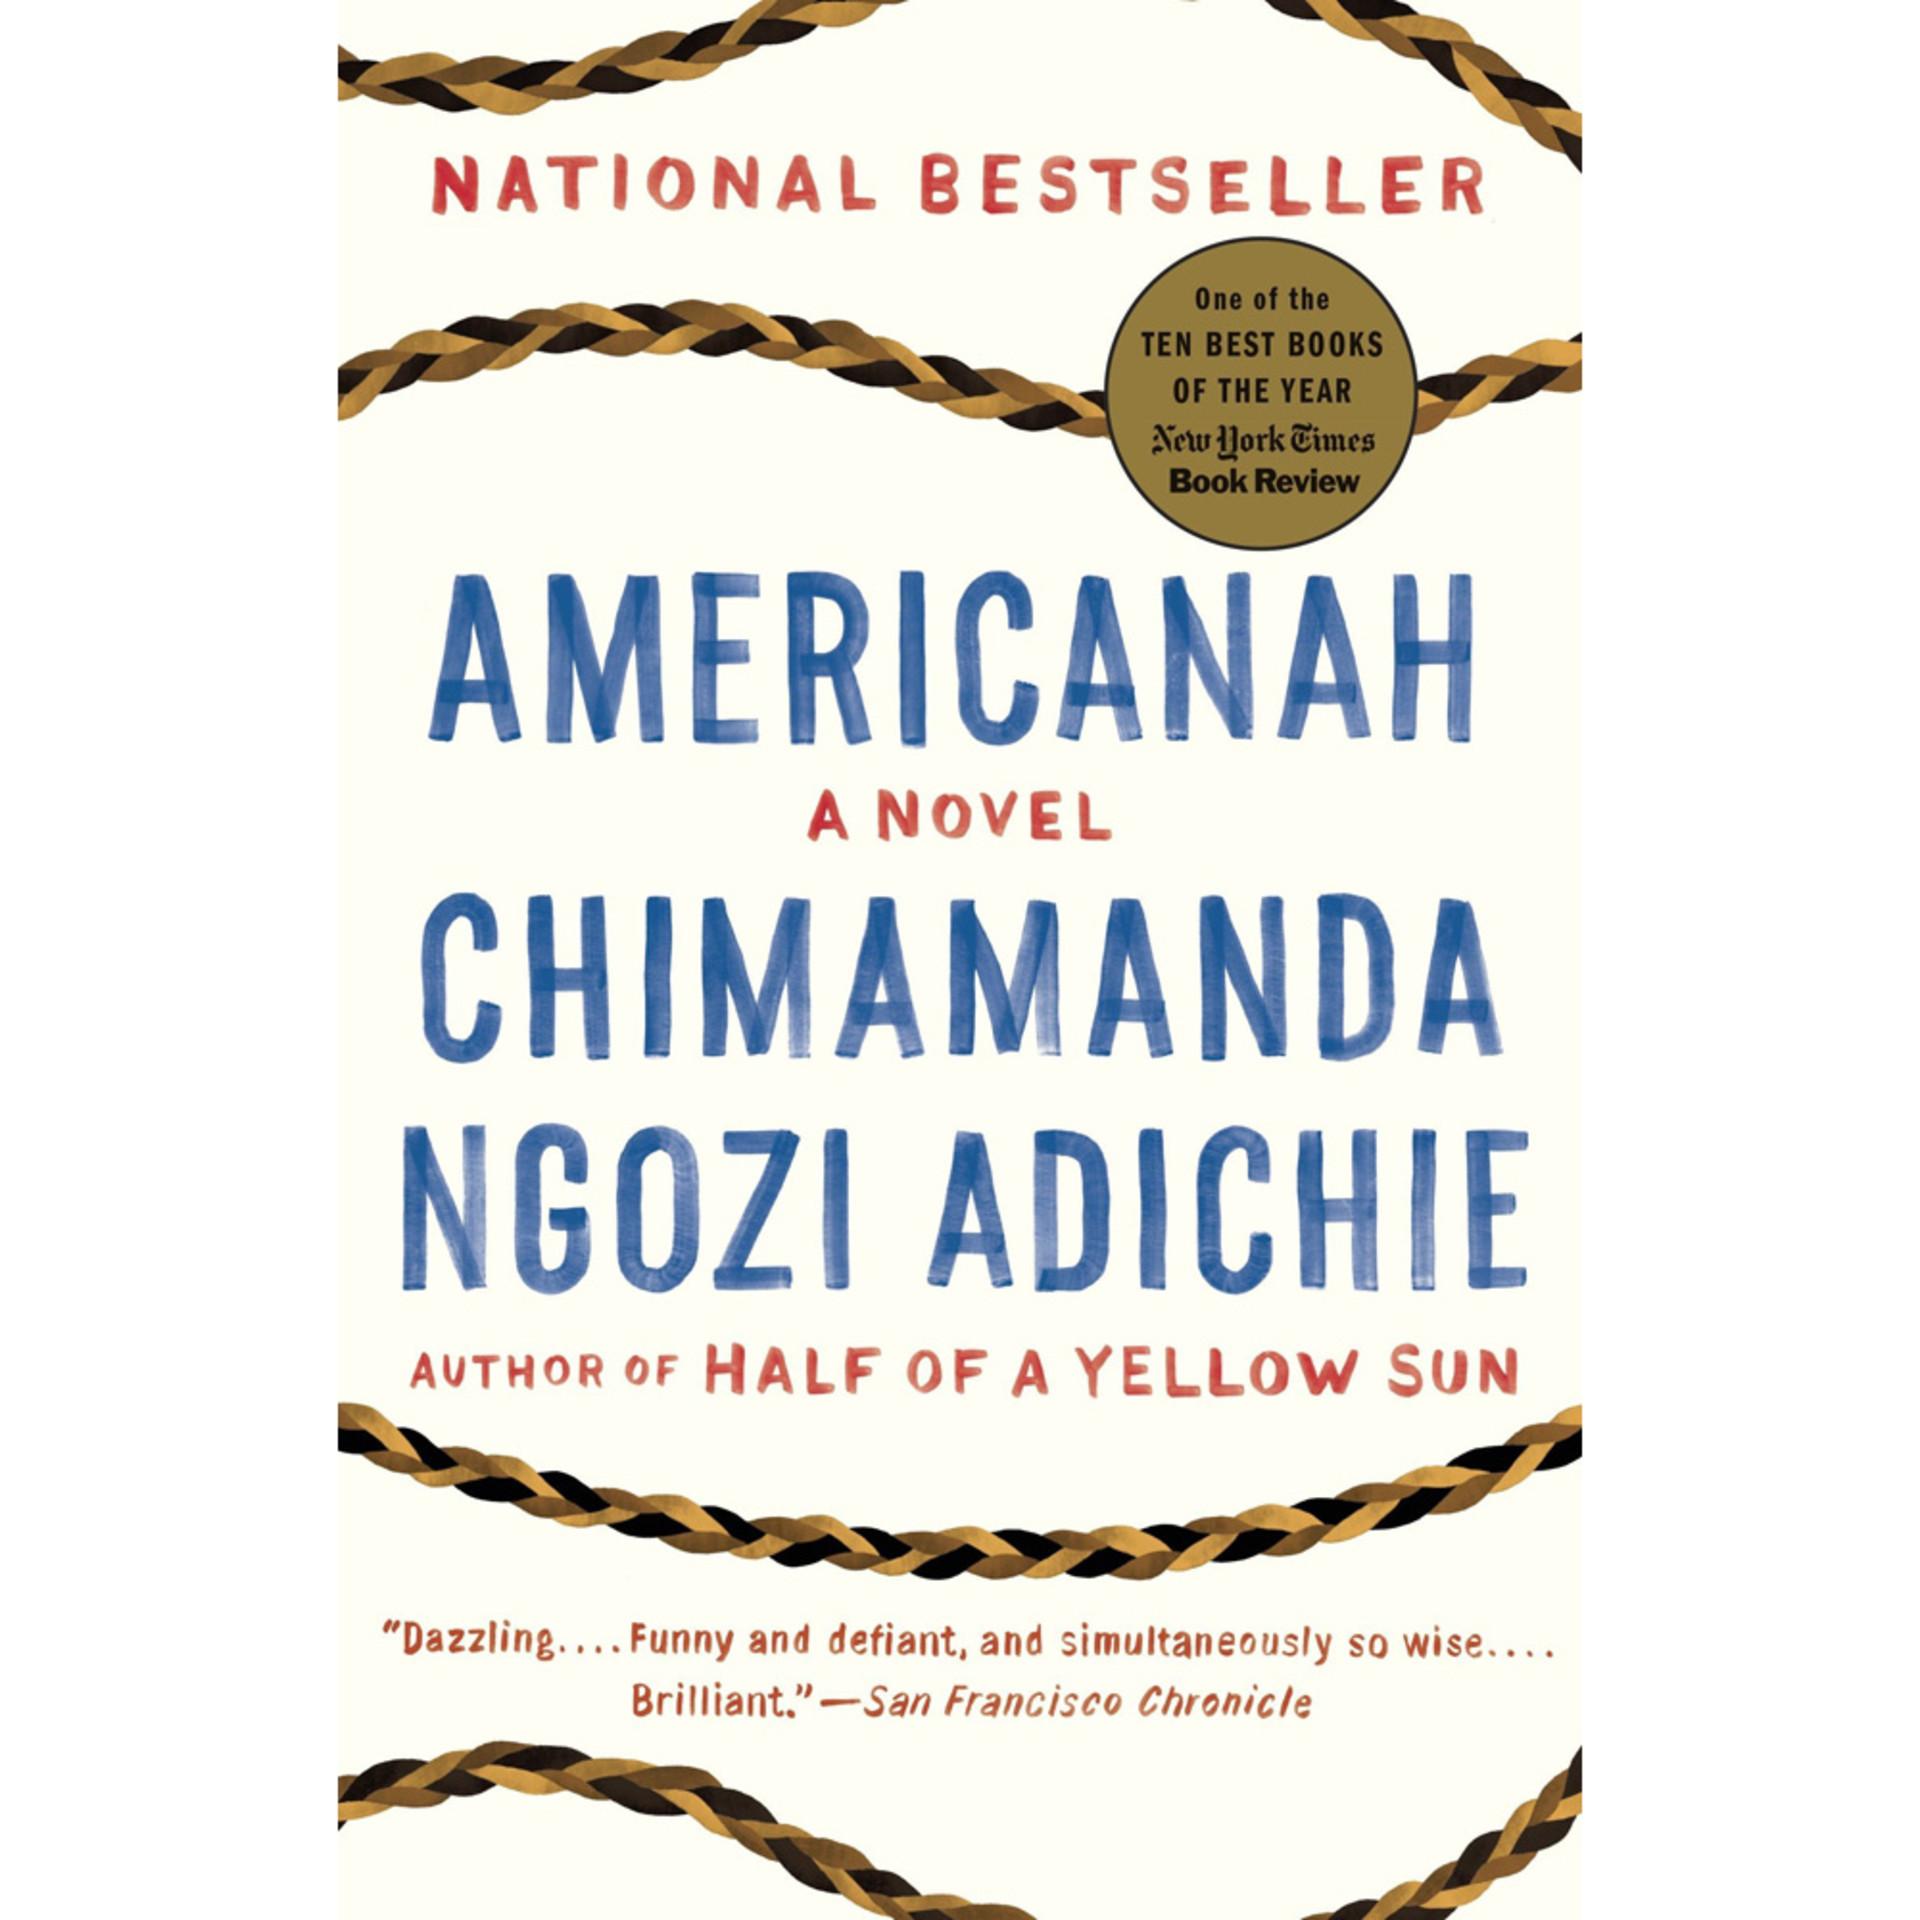 Americanah by Chimamanda Ngozi Adichie